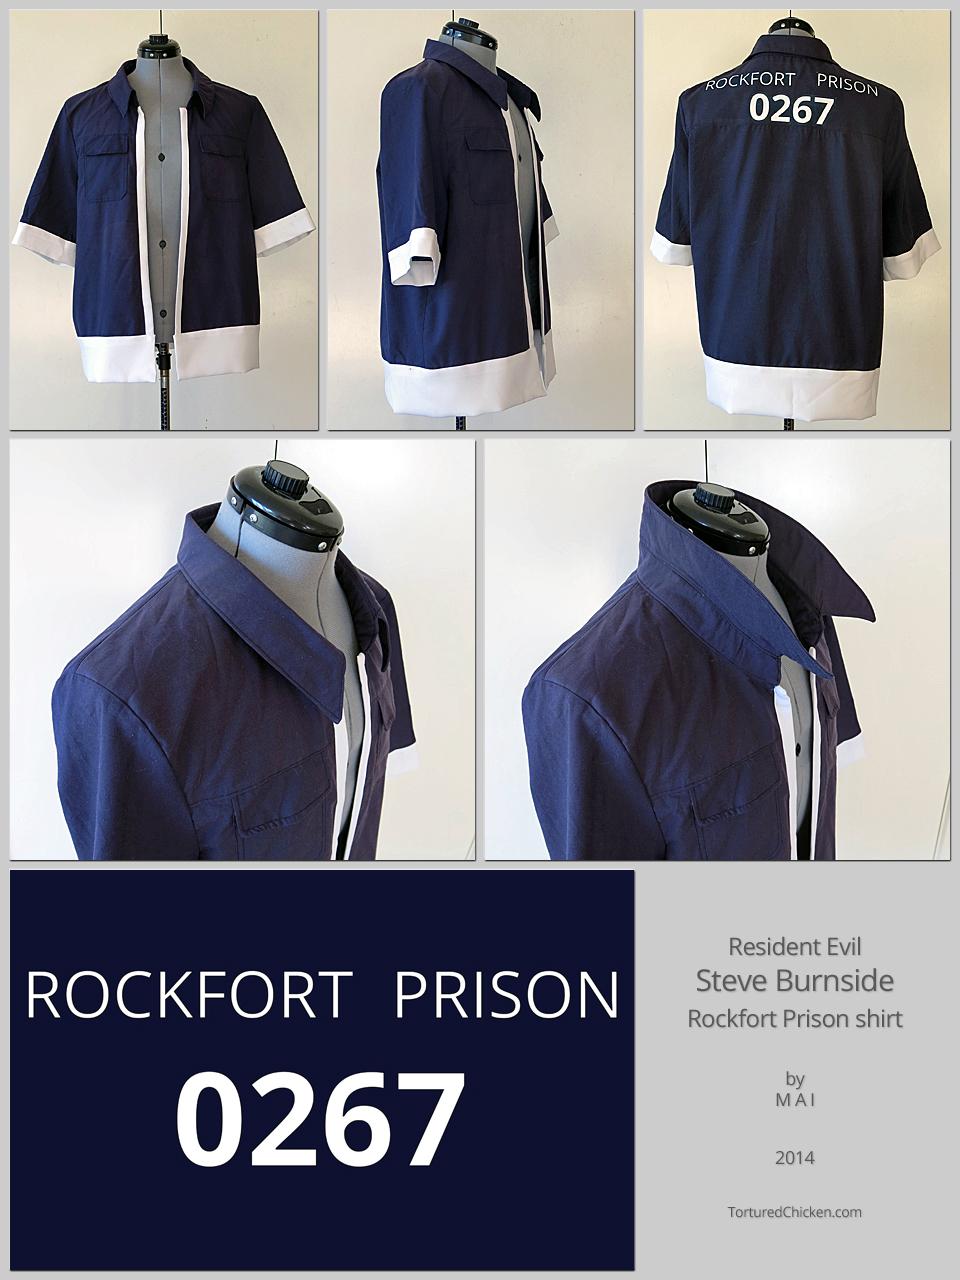 Steve Burnside Rockfort Prison 0267